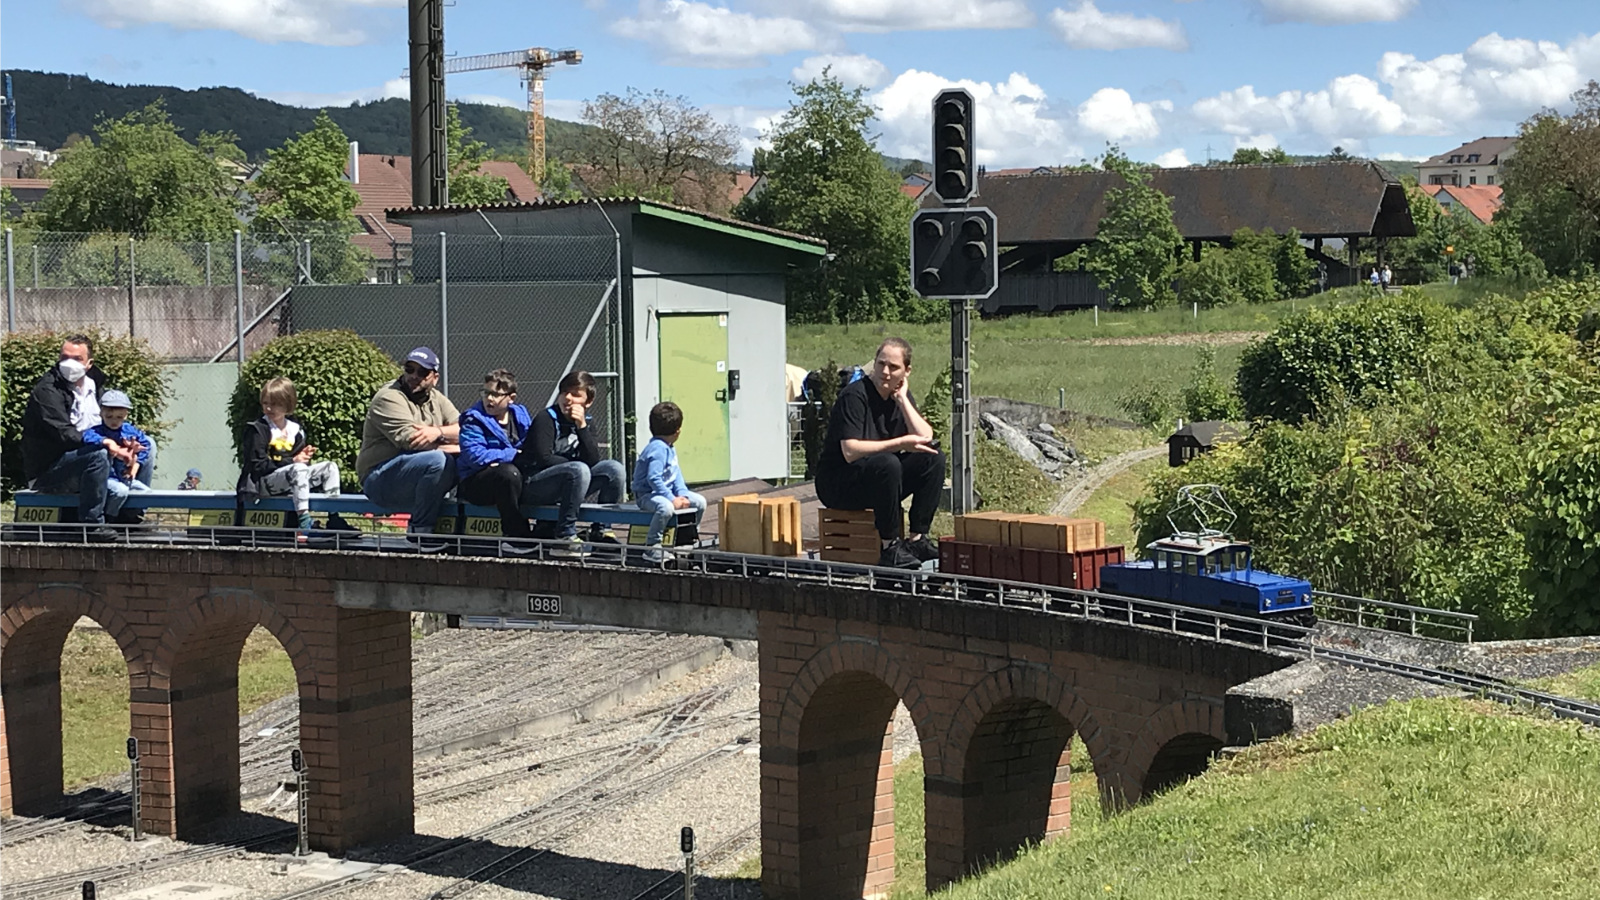 Die E22 auf dem Viadukt mit Gästen